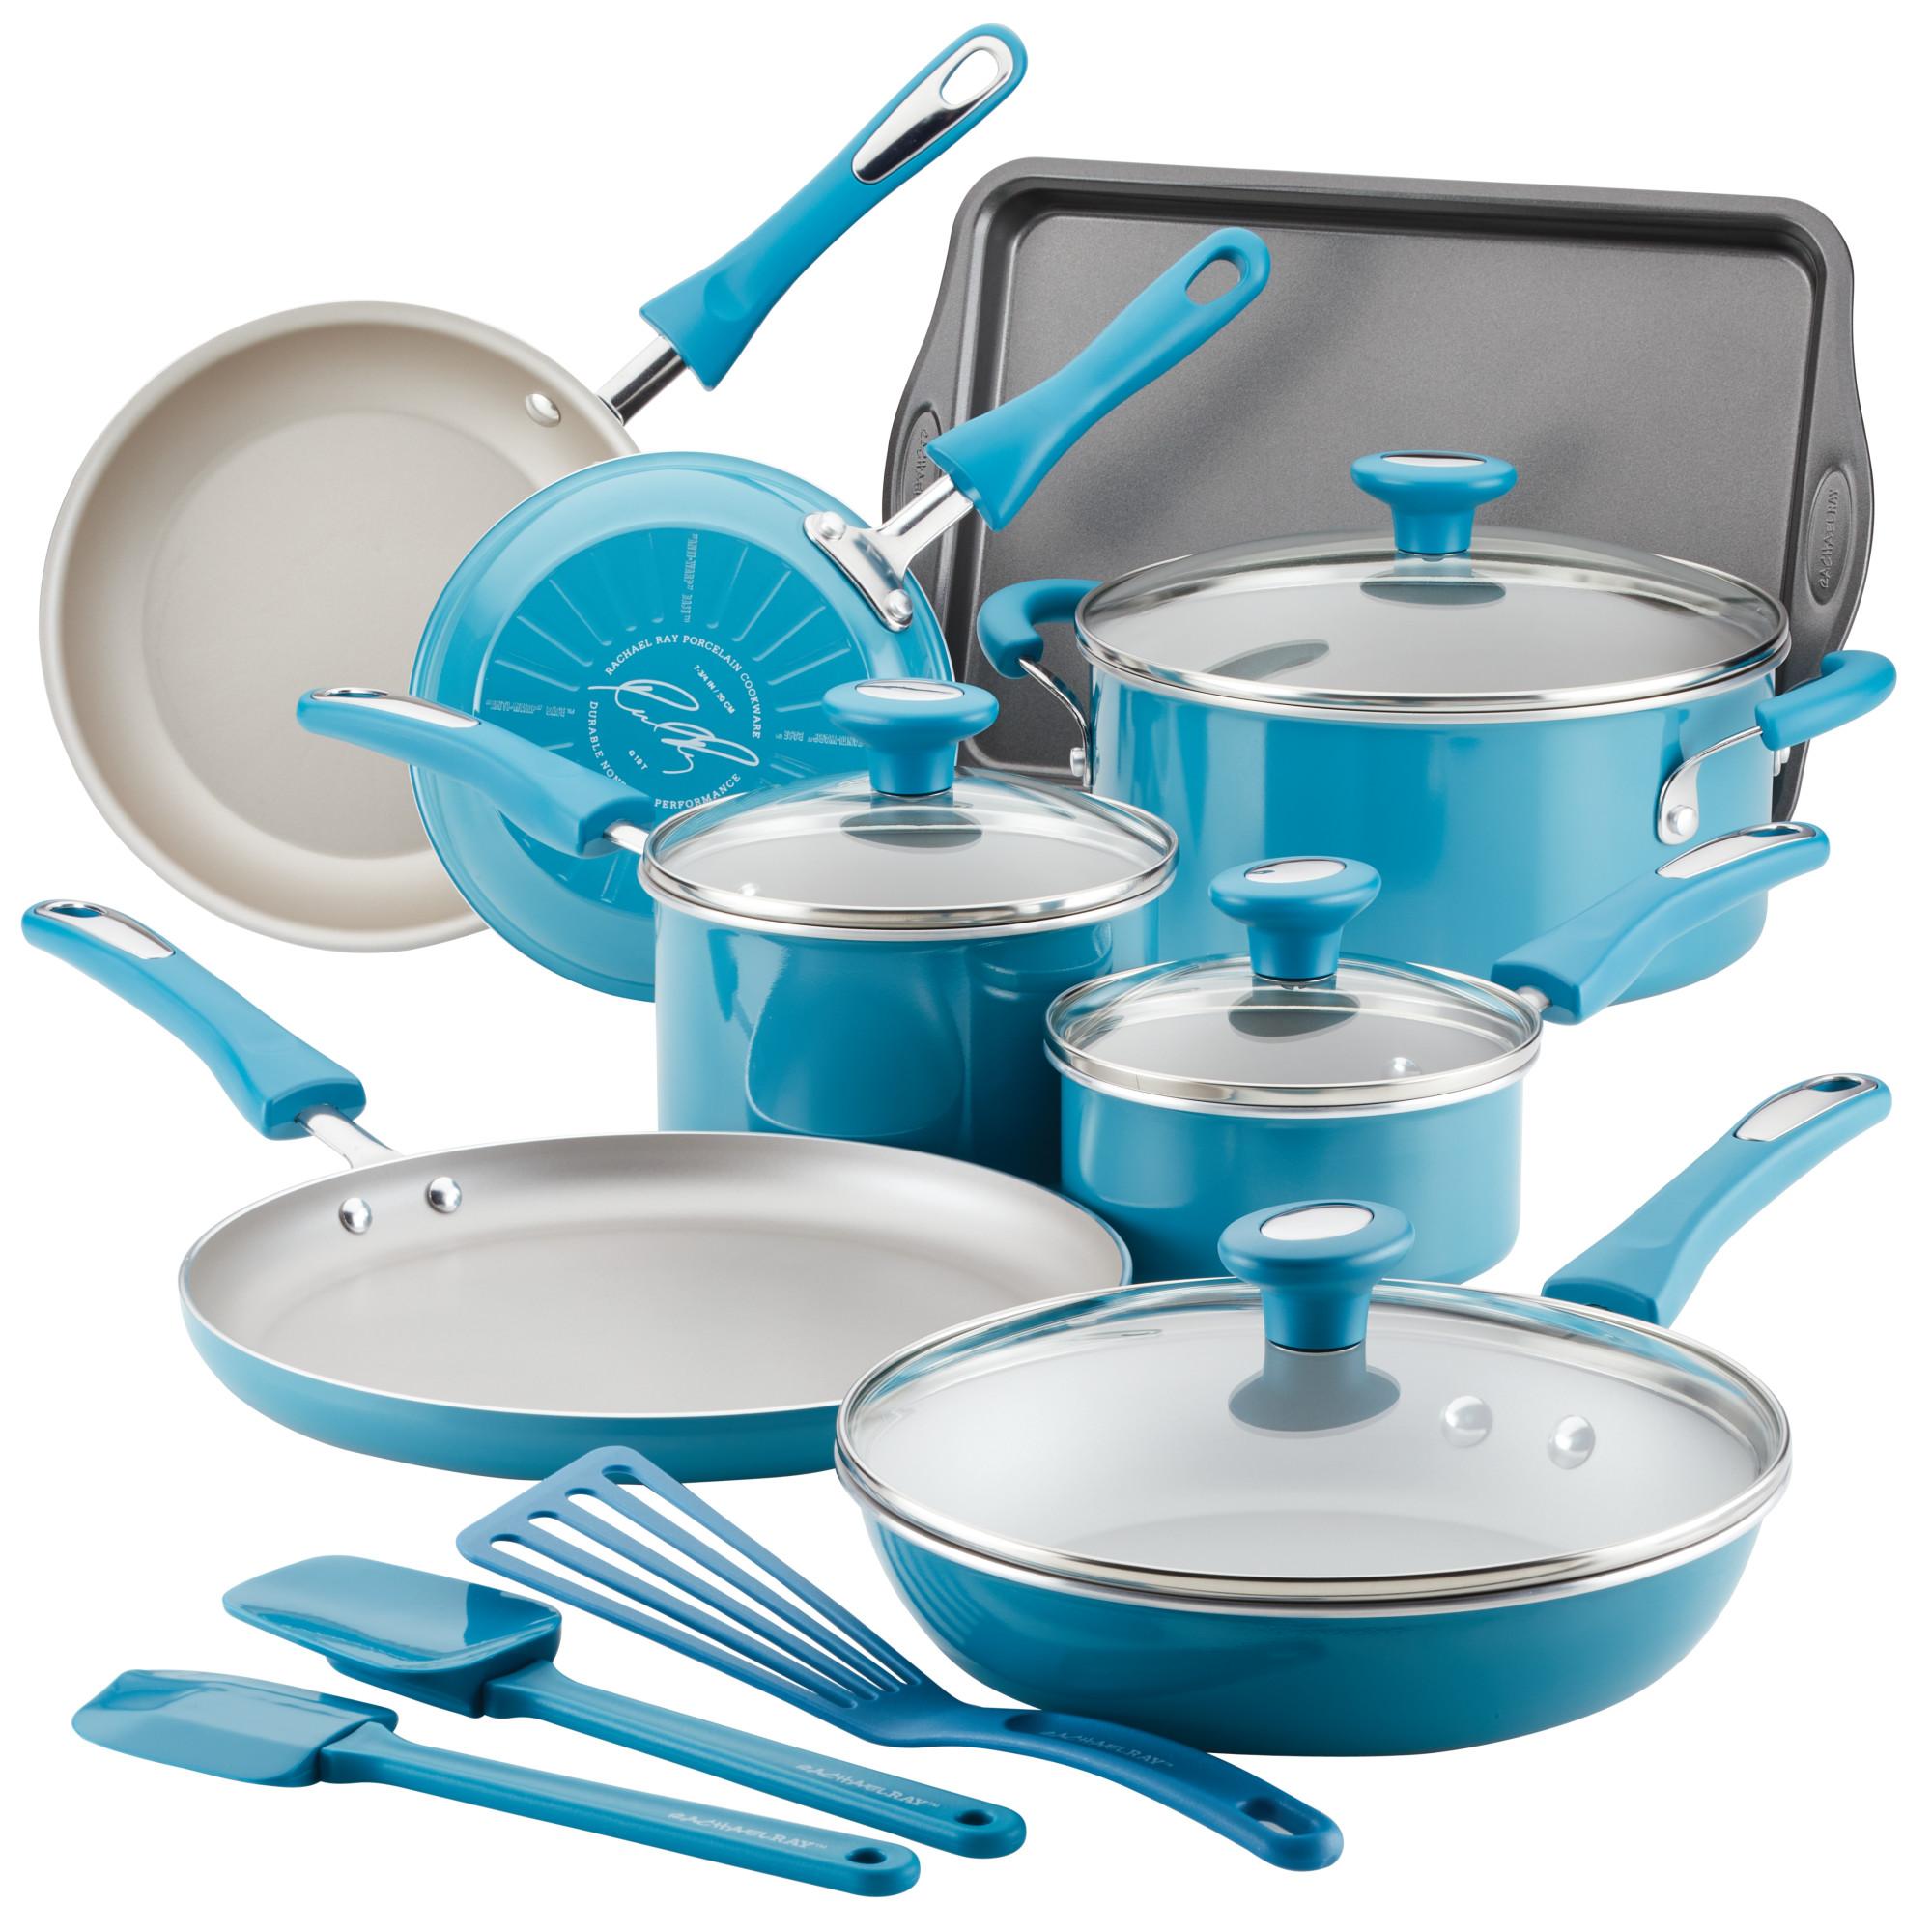 RR cookware